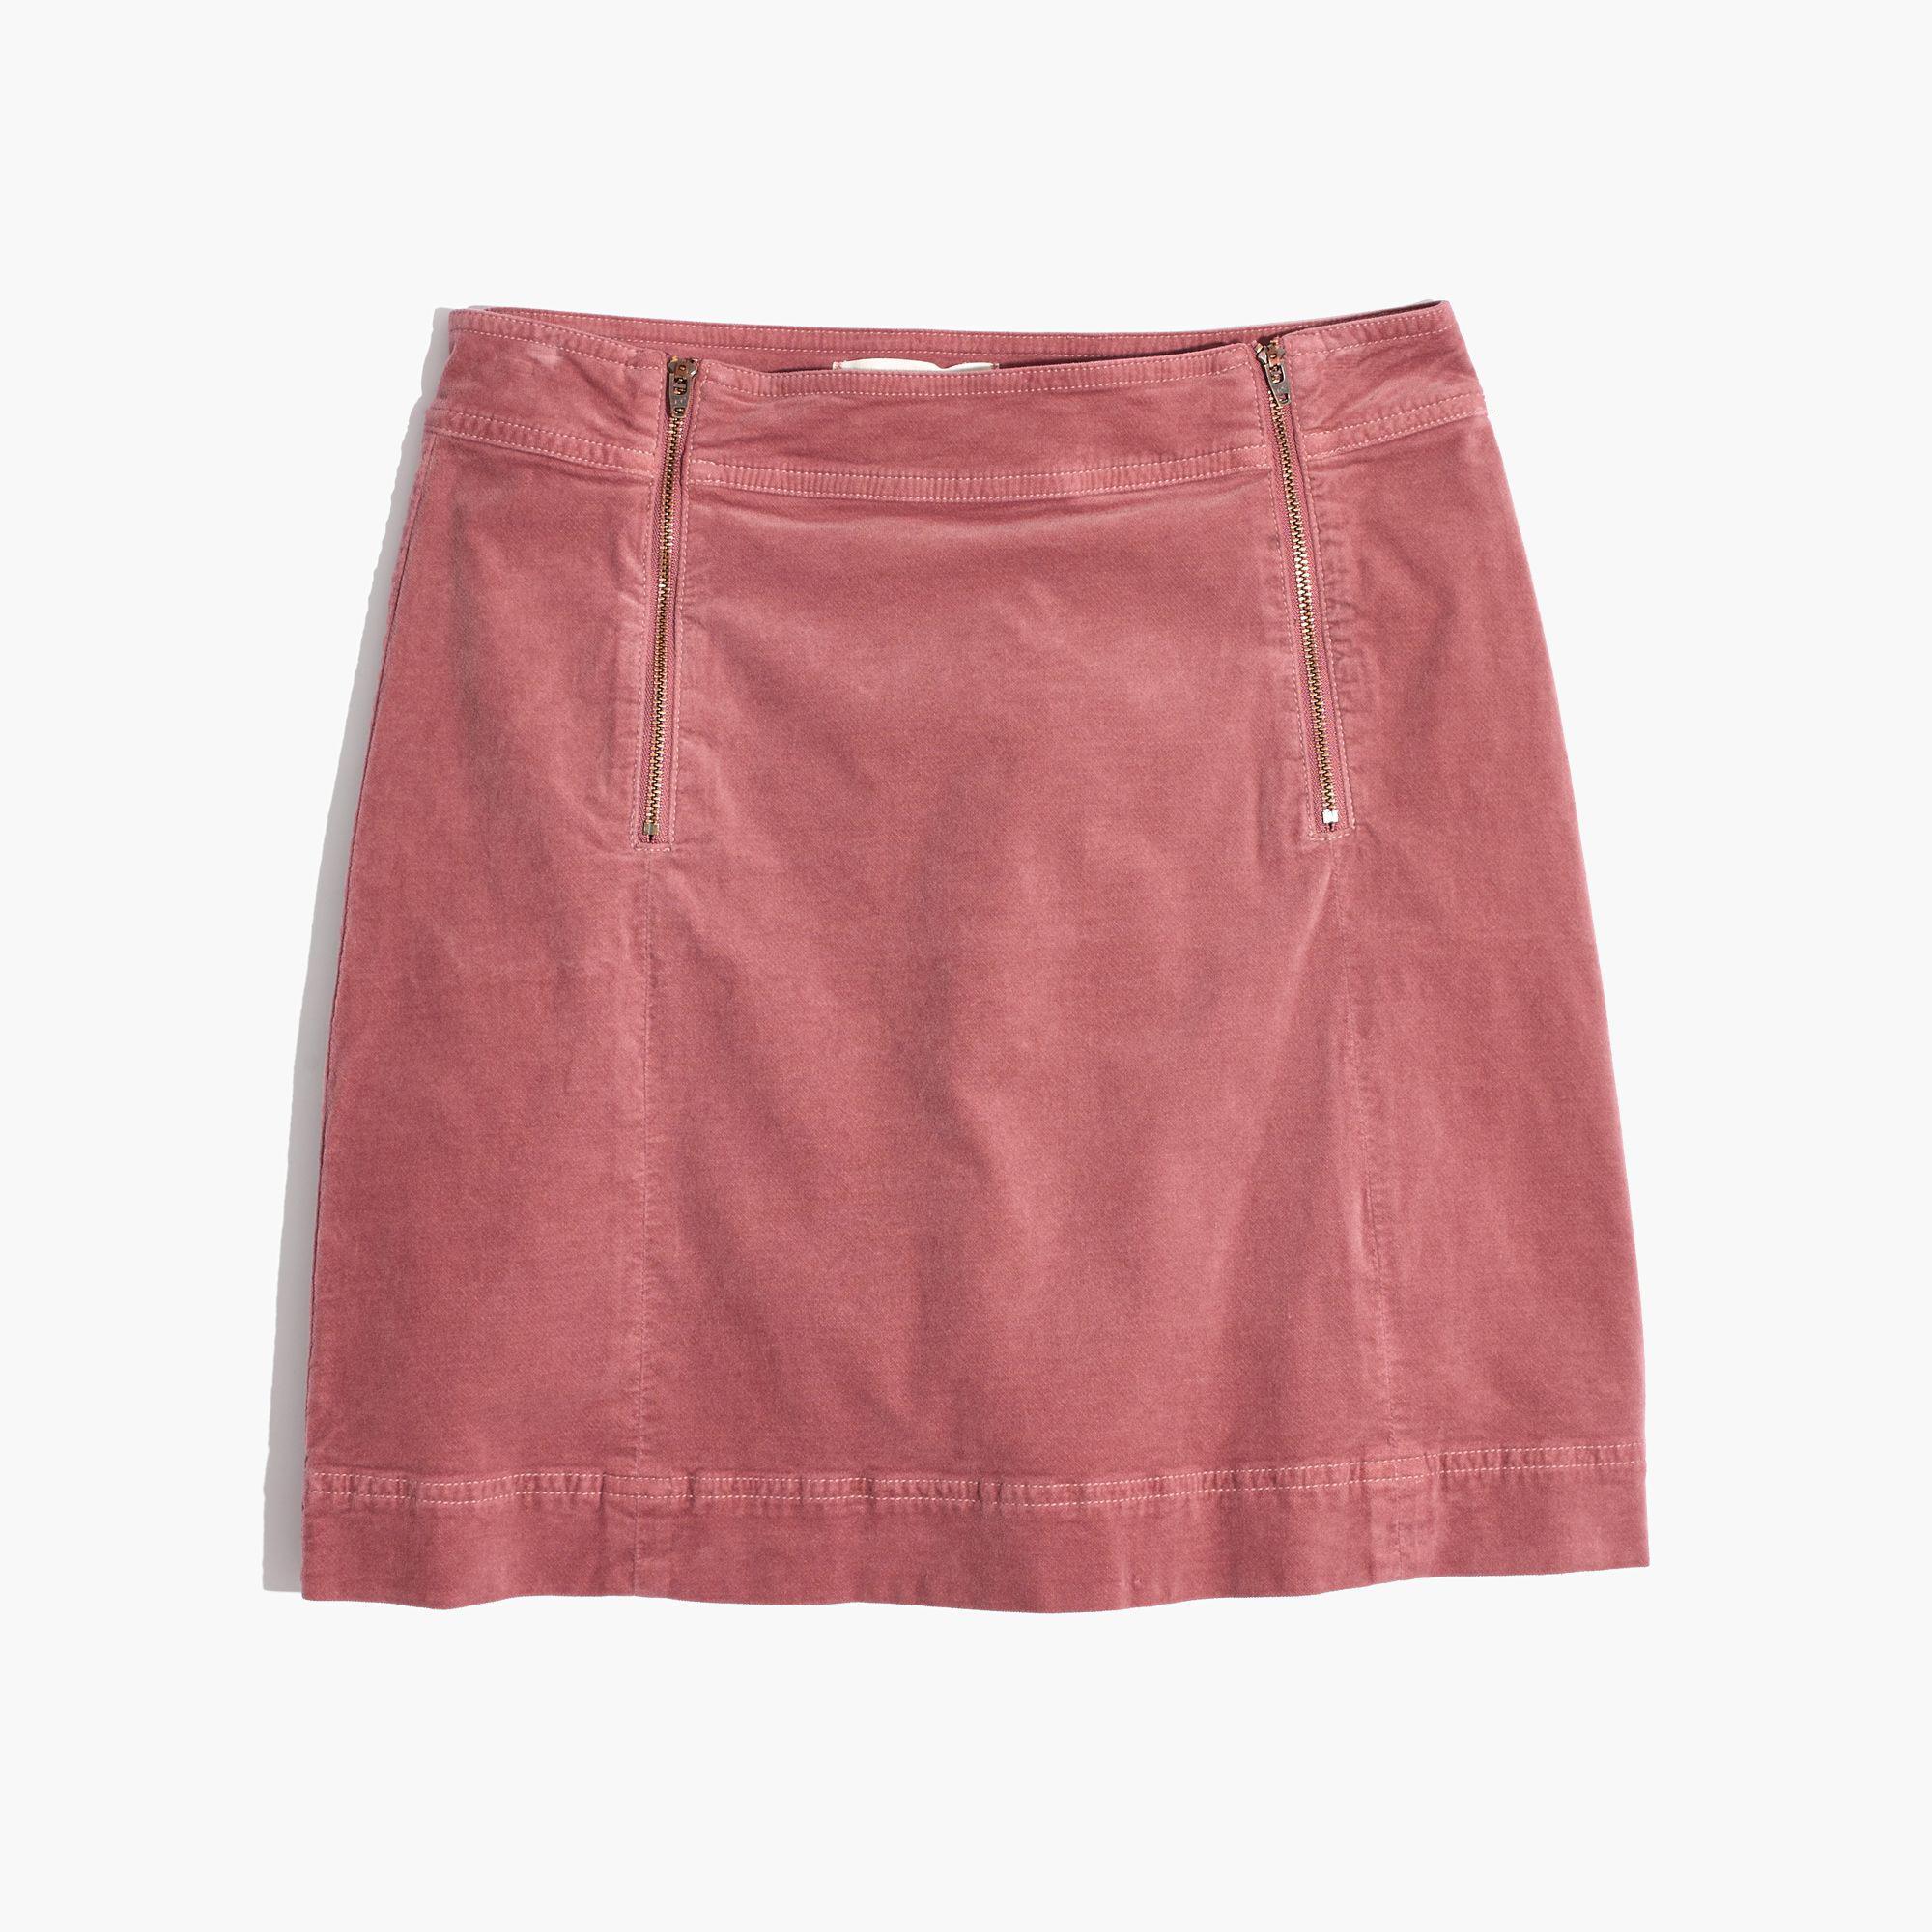 e81f65f411 Madewell Velveteen Uptown Zip Skirt - Lyst